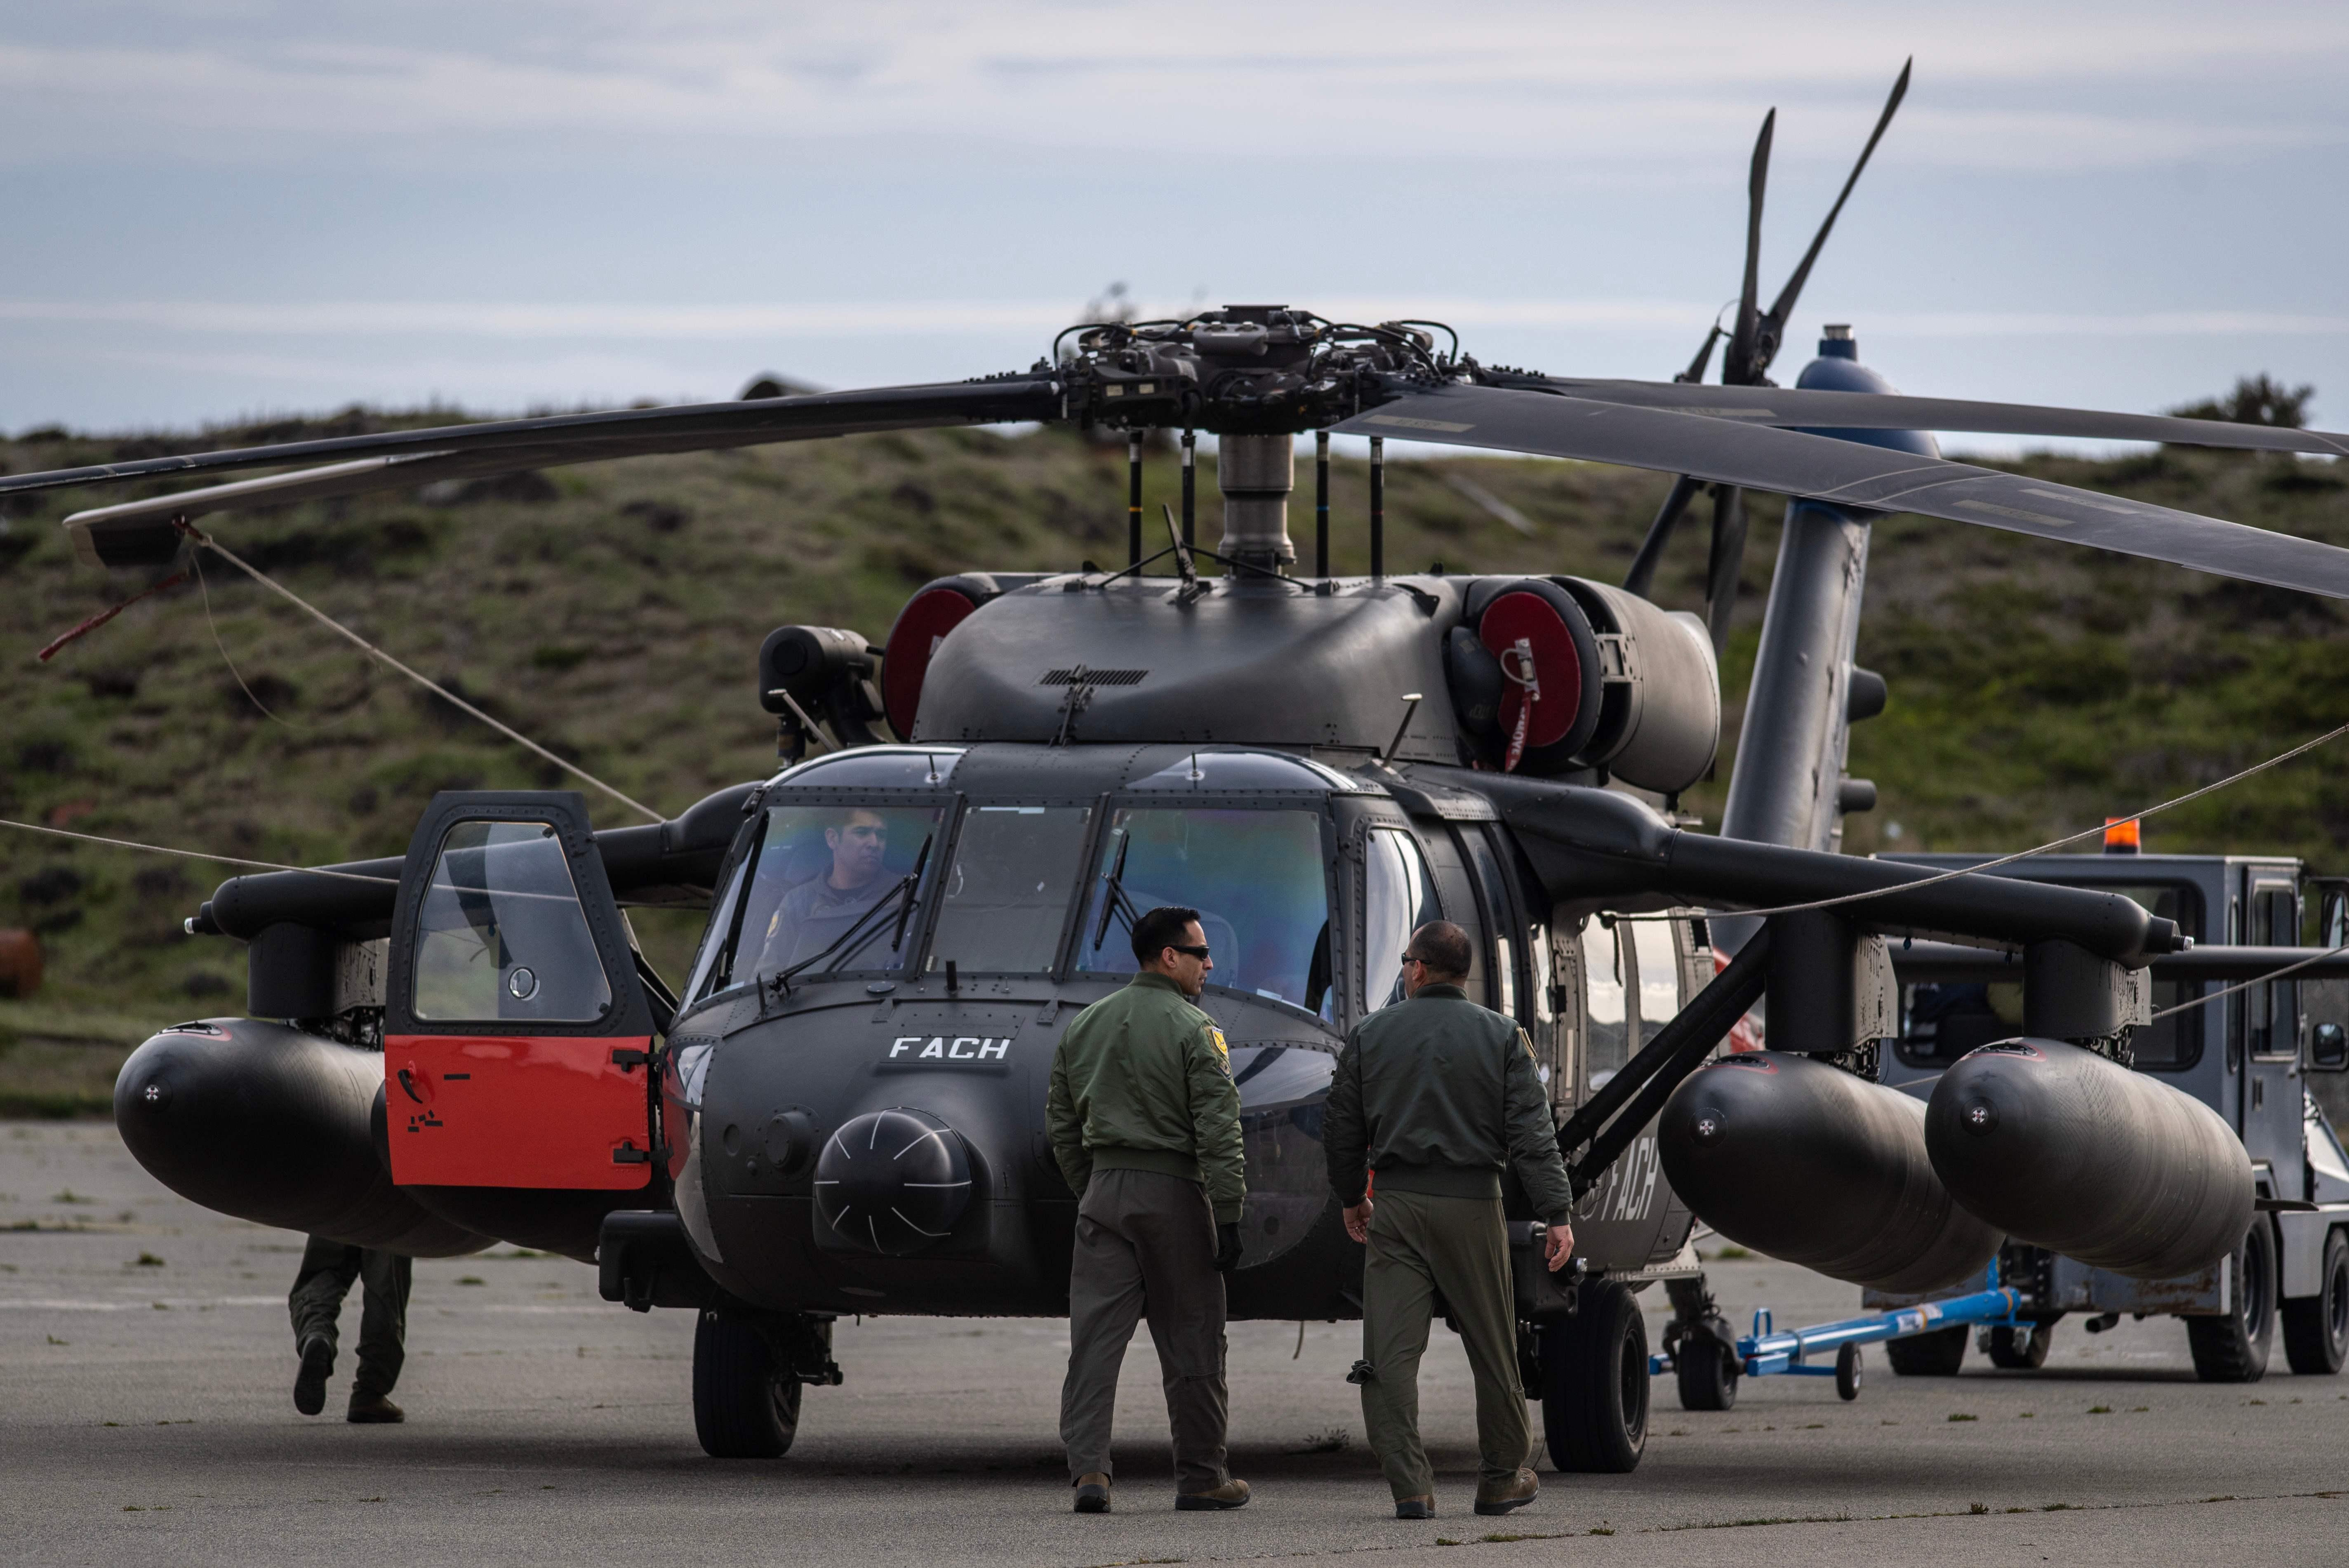 Chili : des débris retrouvés en mer sur le site de la disparition d'un avion militaire